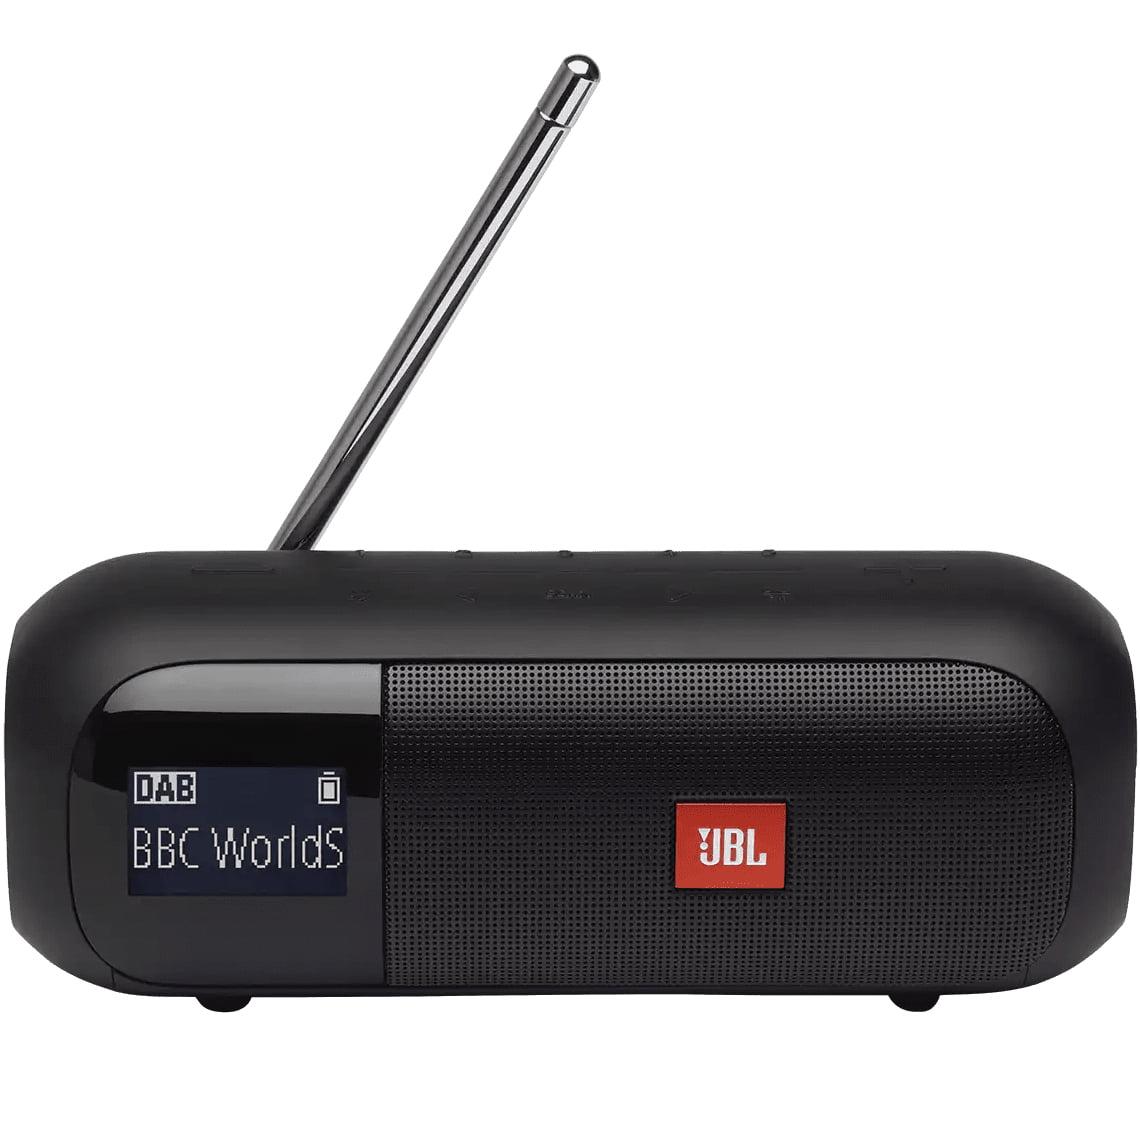 Boxa portabila JBL Tuner 2, Wireless, Bluetooth, DAB/FM, IPX7 Waterproof, Black